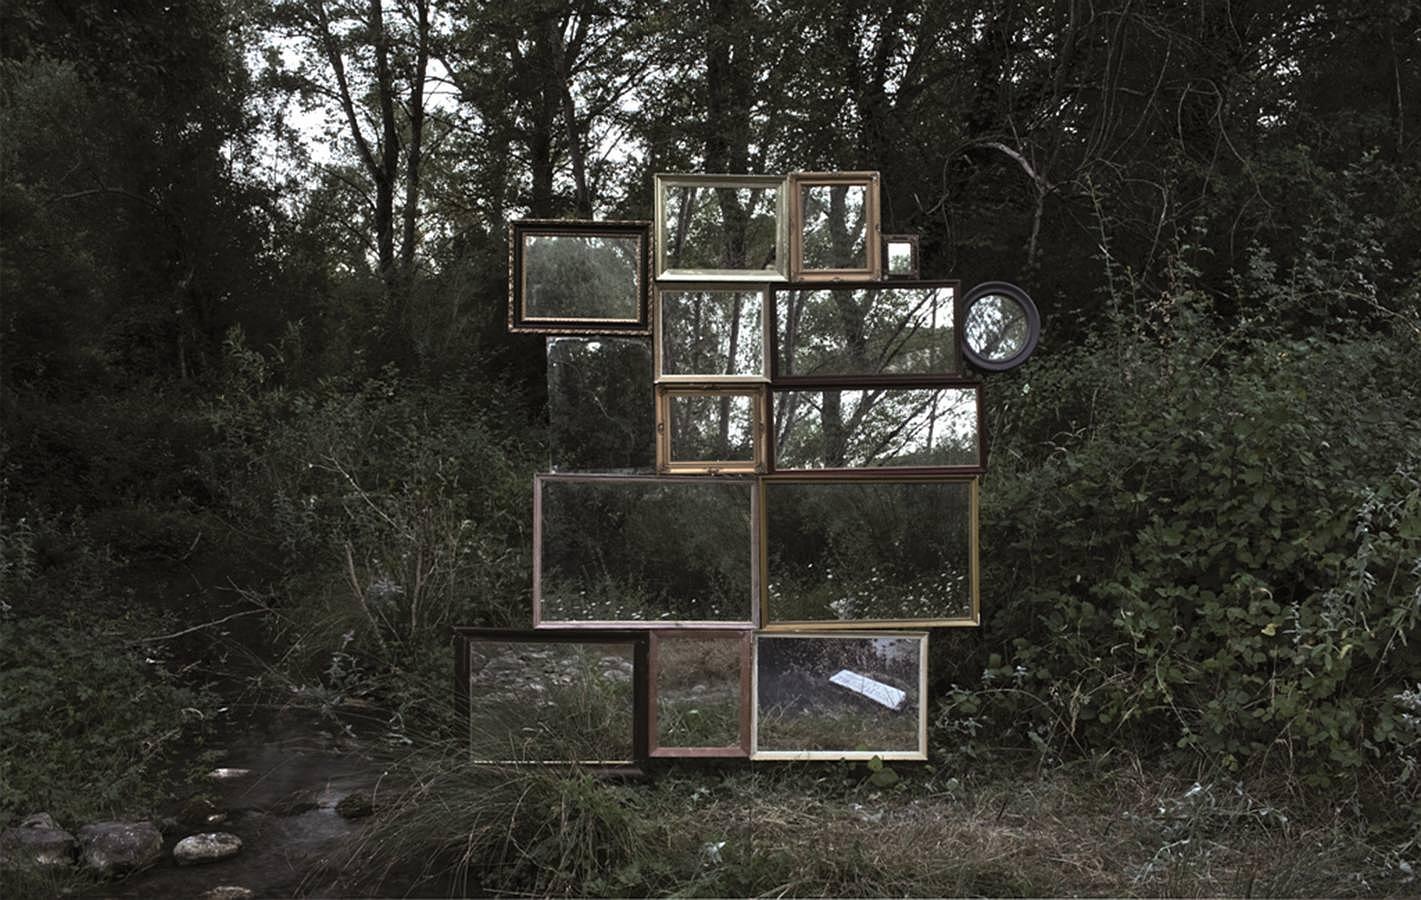 ALMALE&BONDÍA - «IN SITU». Se trata de una intervención en un espacio natural. La autora juega con la reflexividad de la fotografía